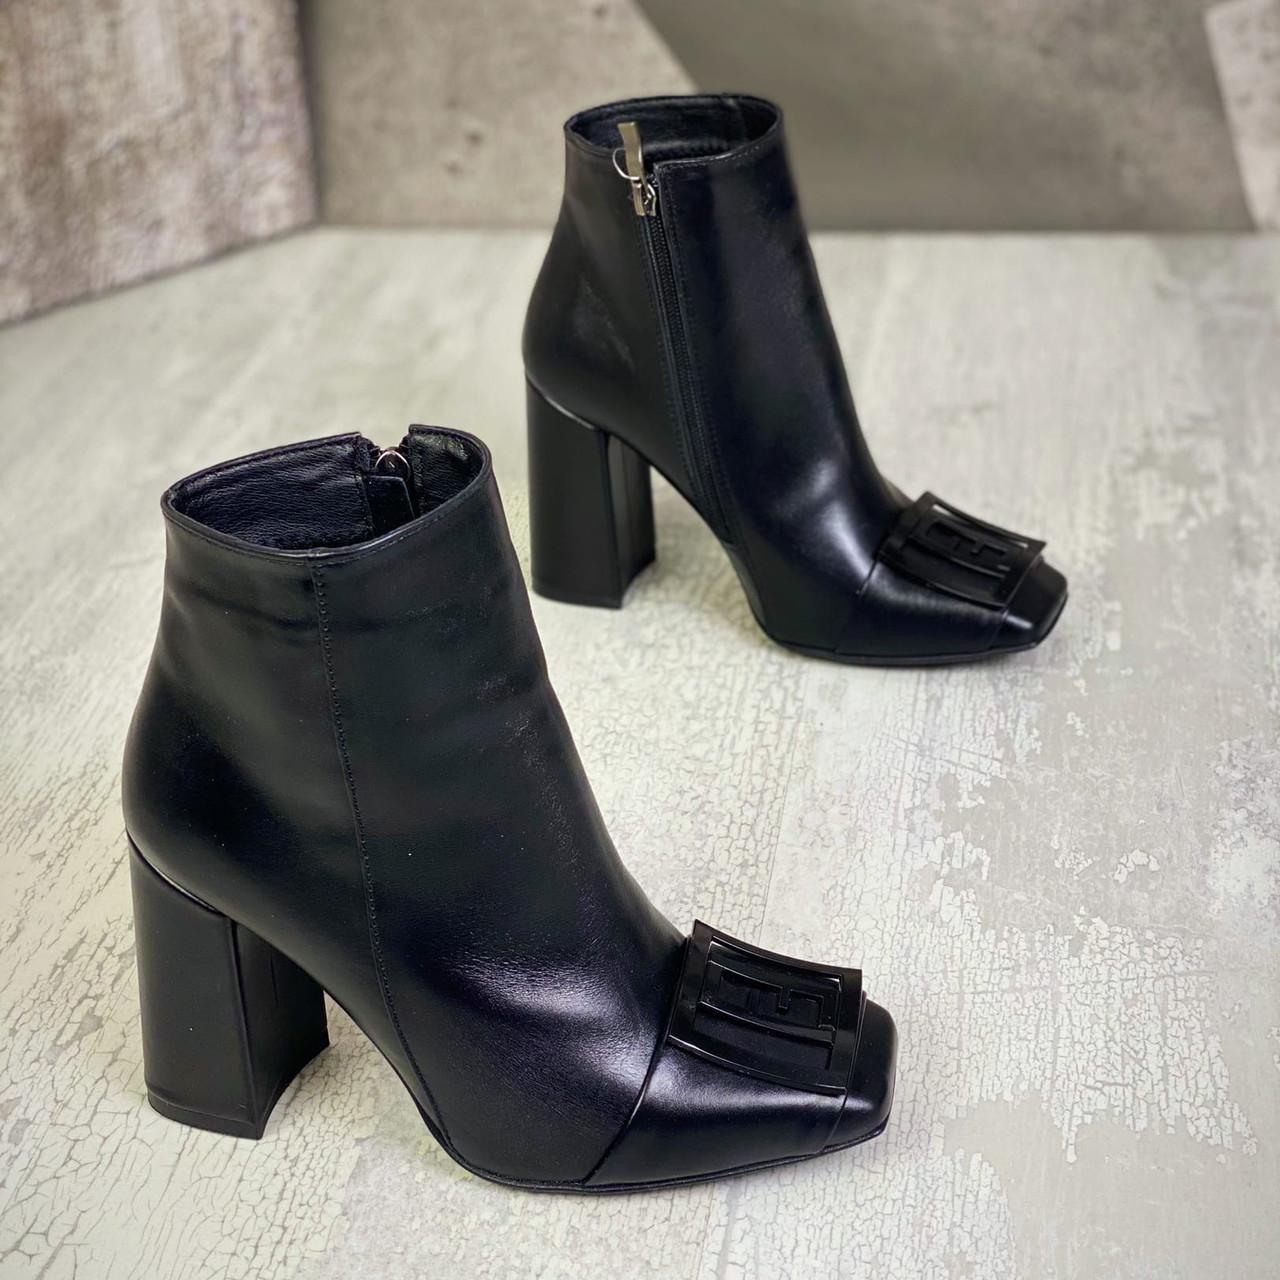 Жіночі демісезонні черевики з пряжкою на підборах 36-40 р чорний